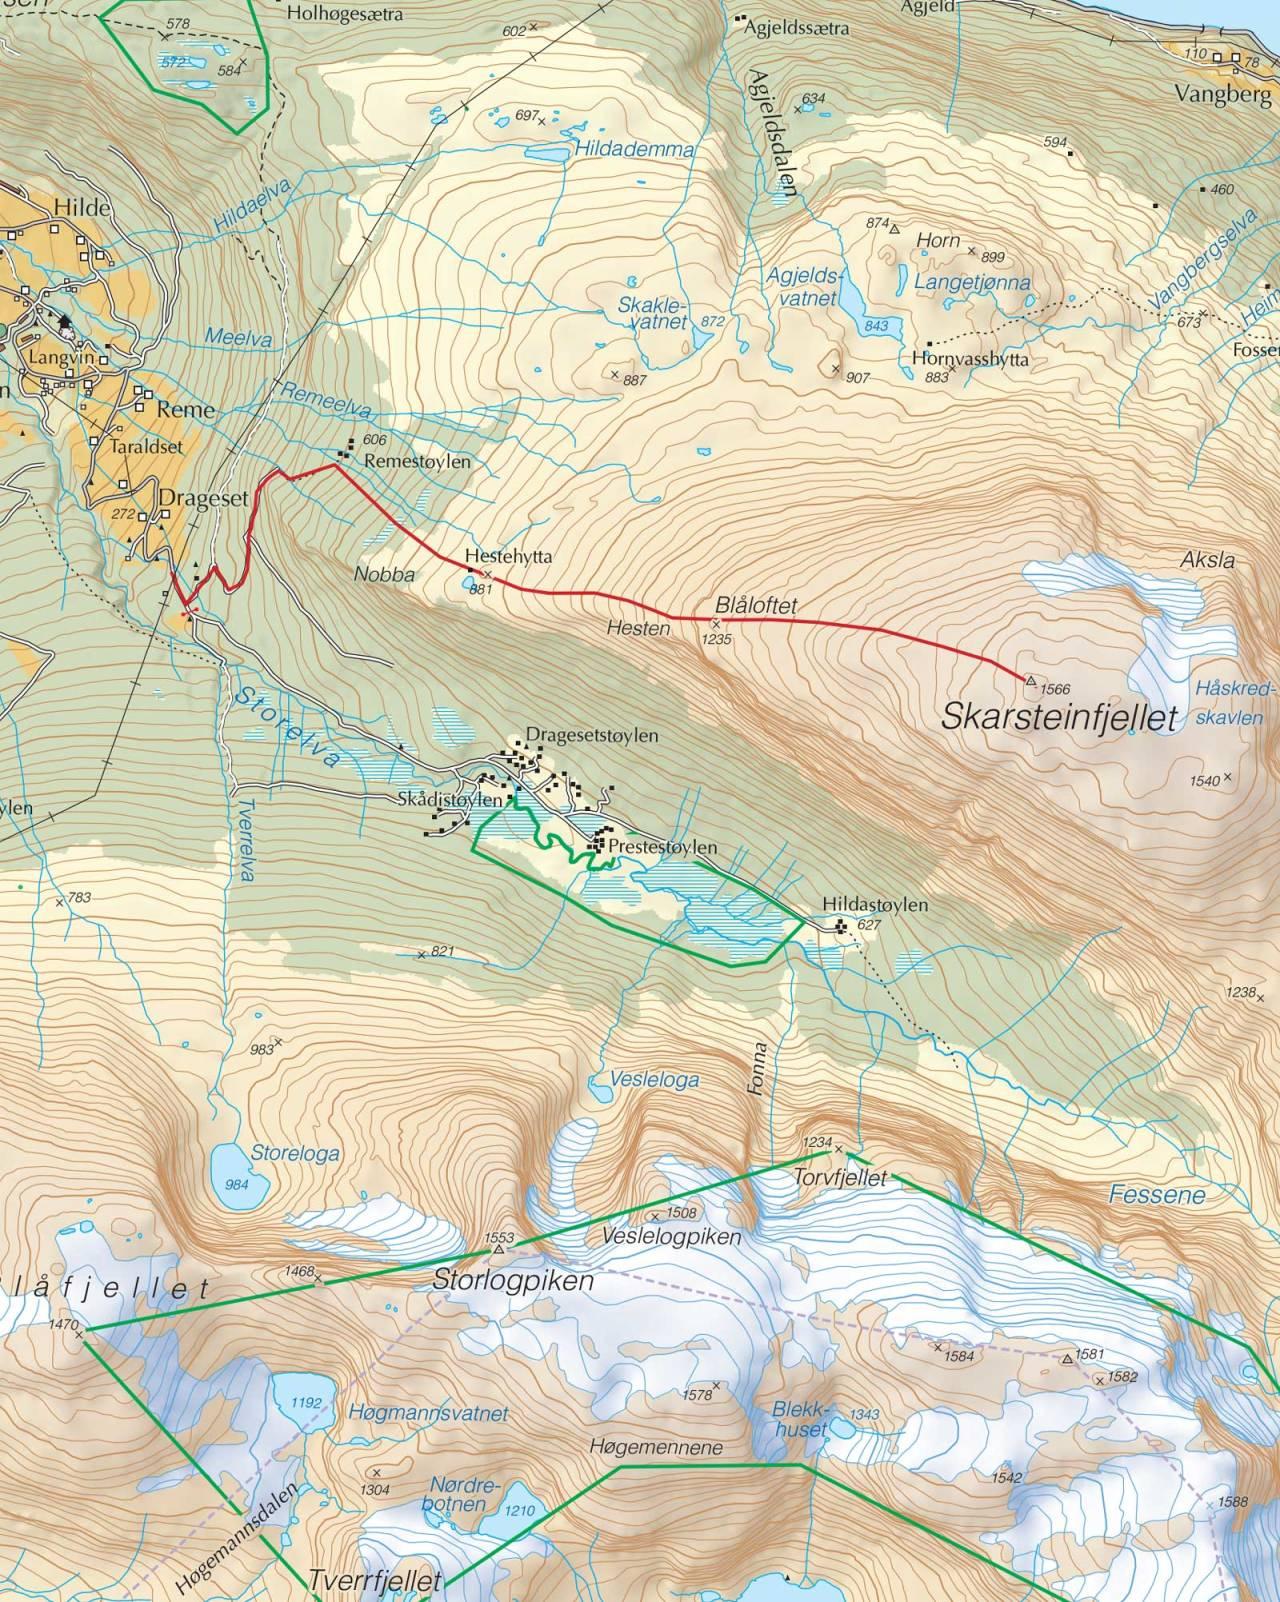 Kart over Skarsteinfjellet med inntegnet rute. Fra Trygge toppturer.